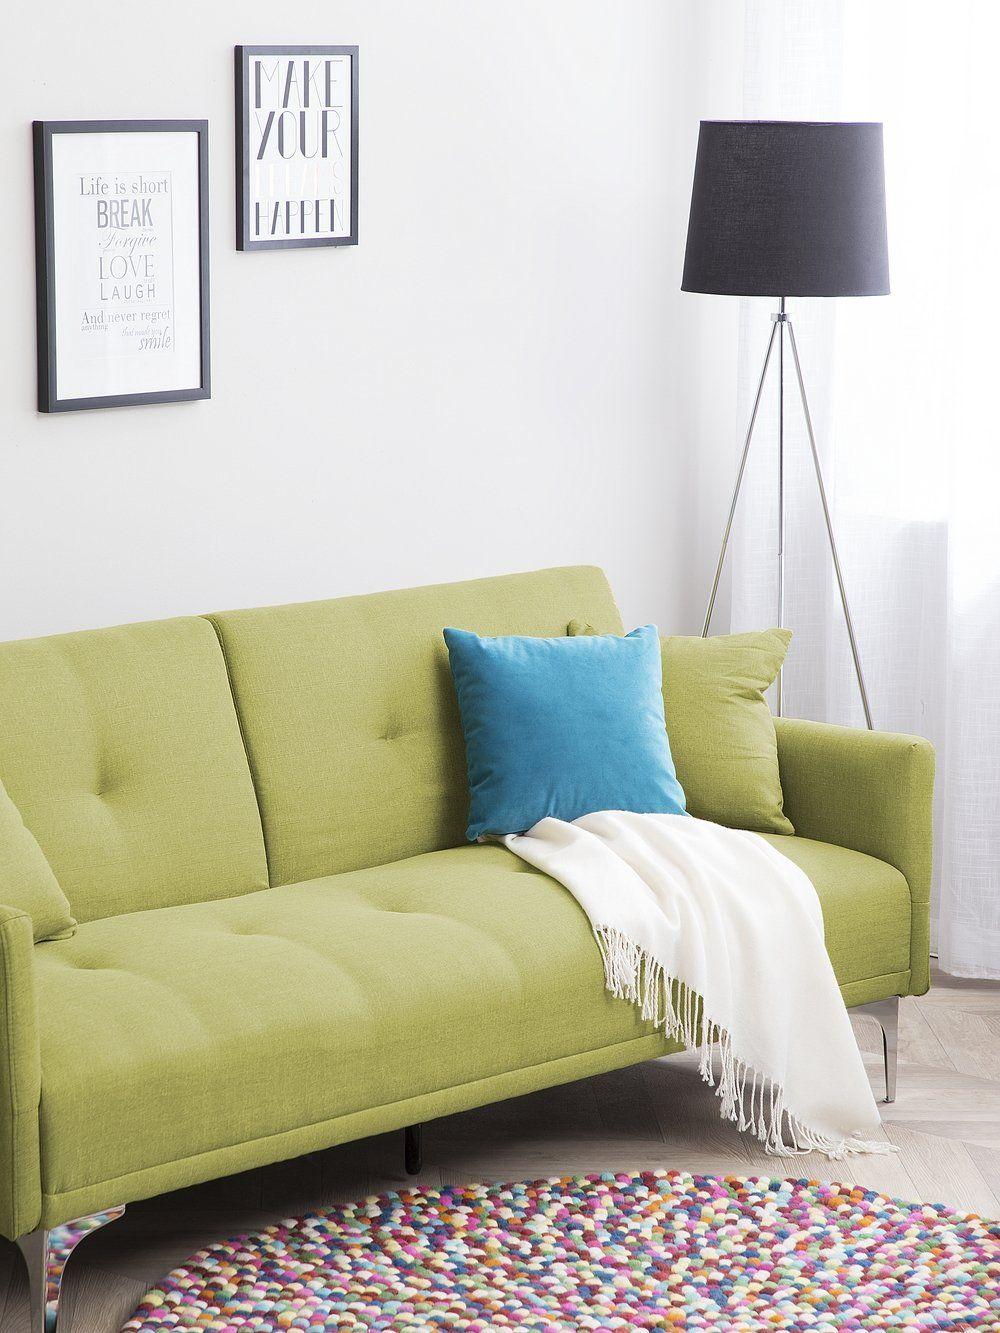 Sofa Z Funkcja Spania Zielona Kanapa Rozkladana Wersalka Lucan